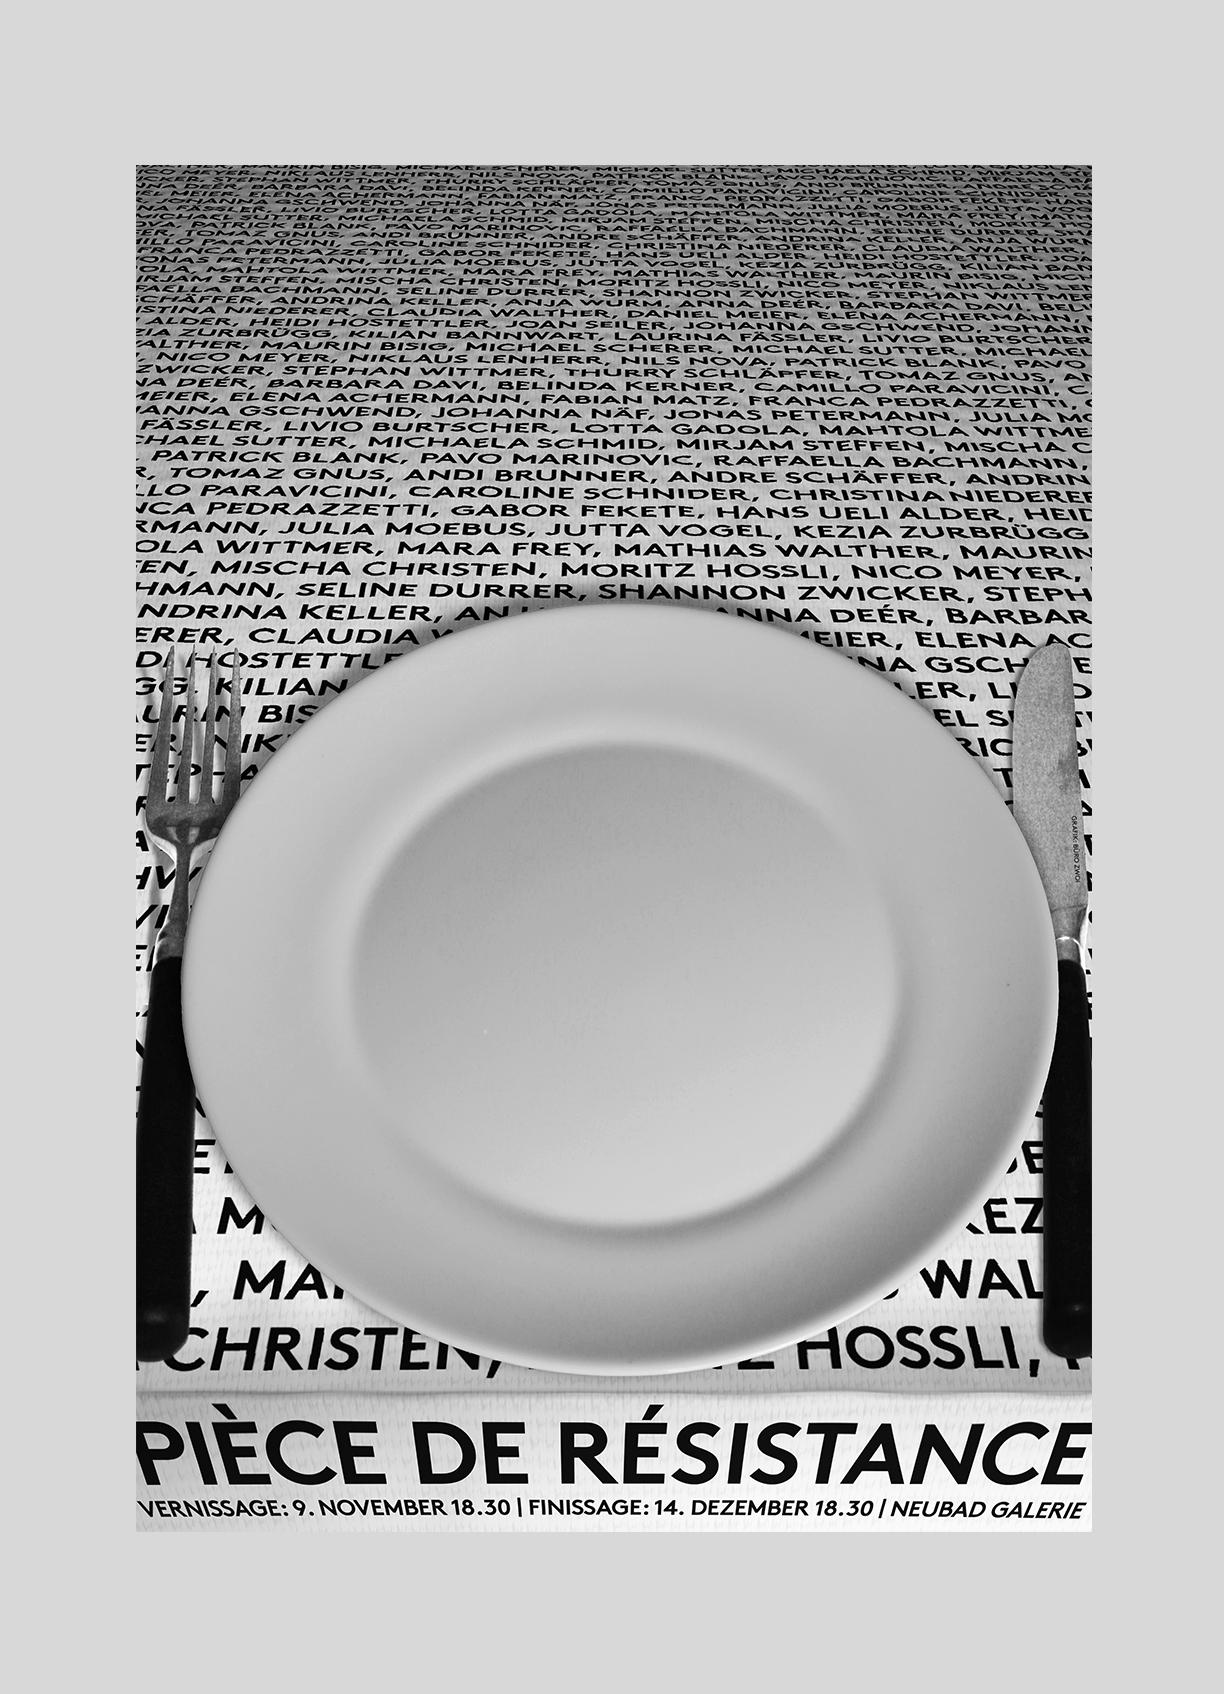 Neubad – Pièce de Résistance   2018   50 regionale KünstlerInnen und FotografInnen finden in der Neubad Galerie zusammen.